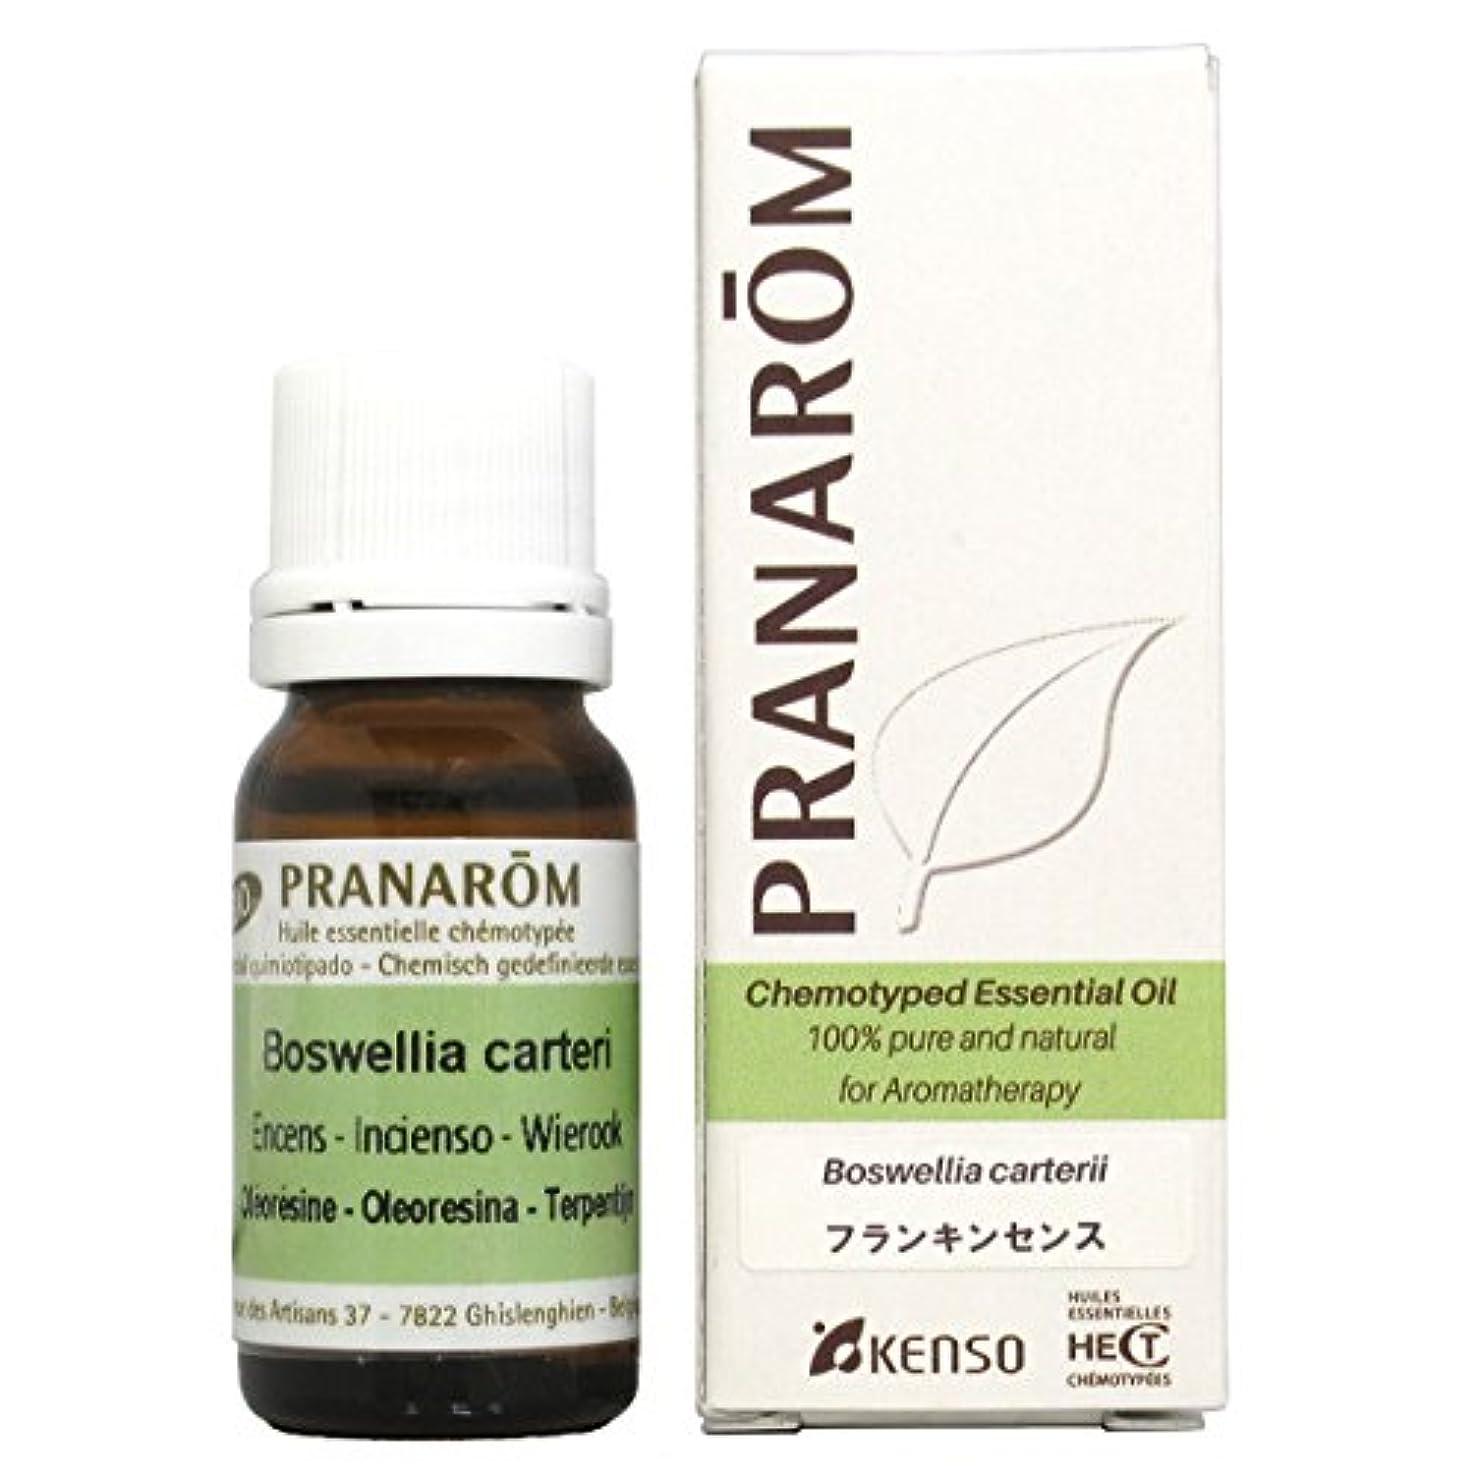 放射能してはいけませんティーム【フランキンセンス 10ml】→スパイシーかつフルーティな香り?(樹脂系)[PRANAROM(プラナロム)精油/アロマオイル/エッセンシャルオイル]P-20